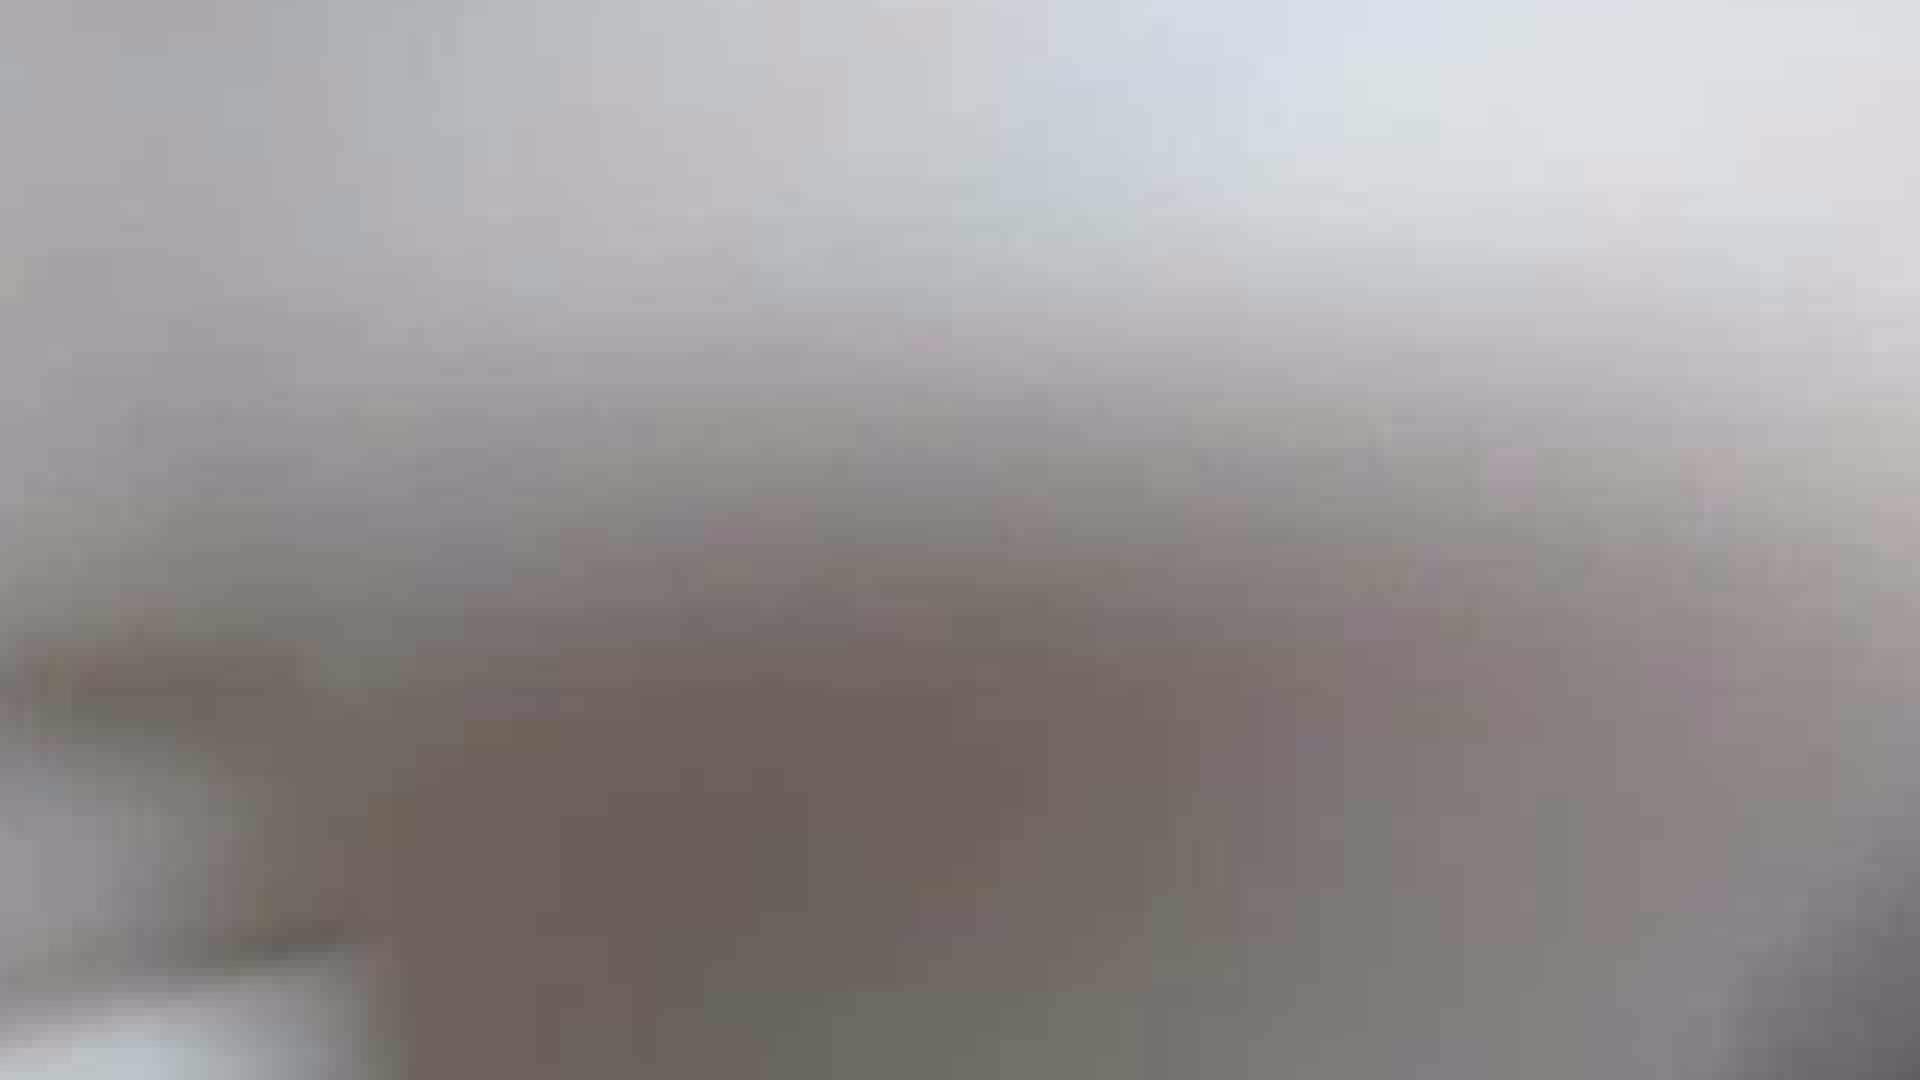 S級ギャルのハメ撮り!生チャット!Vol.11後編 お色気美女 のぞき動画画像 81枚 71